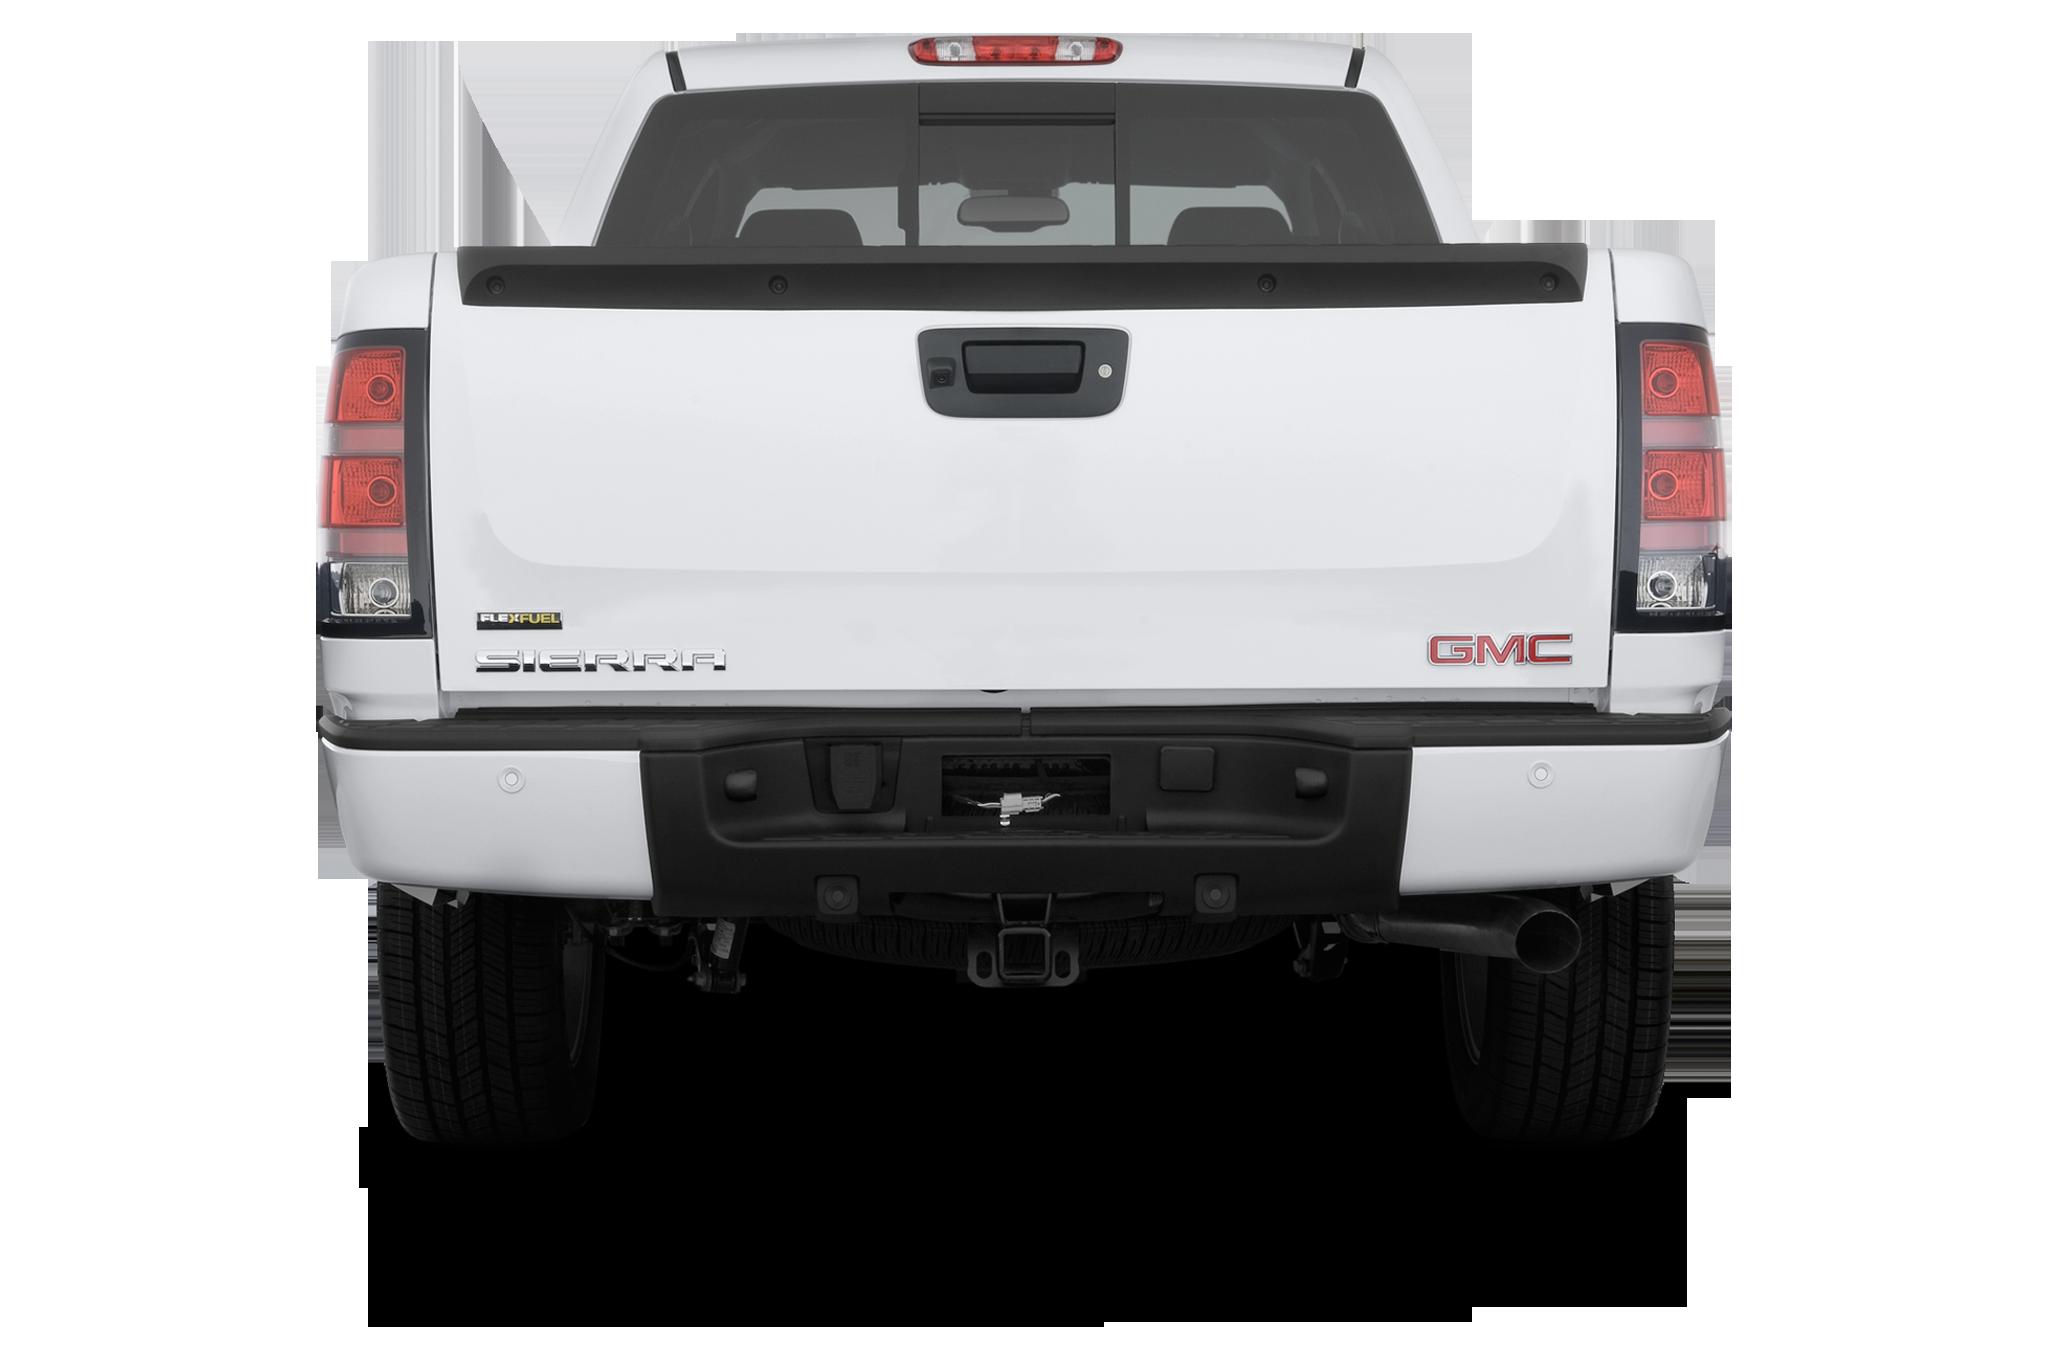 2013 Chevy Silverado Gmc Sierra Hd Gain Bi Fuel Cng Option 2012 Yukon Filter 33 123